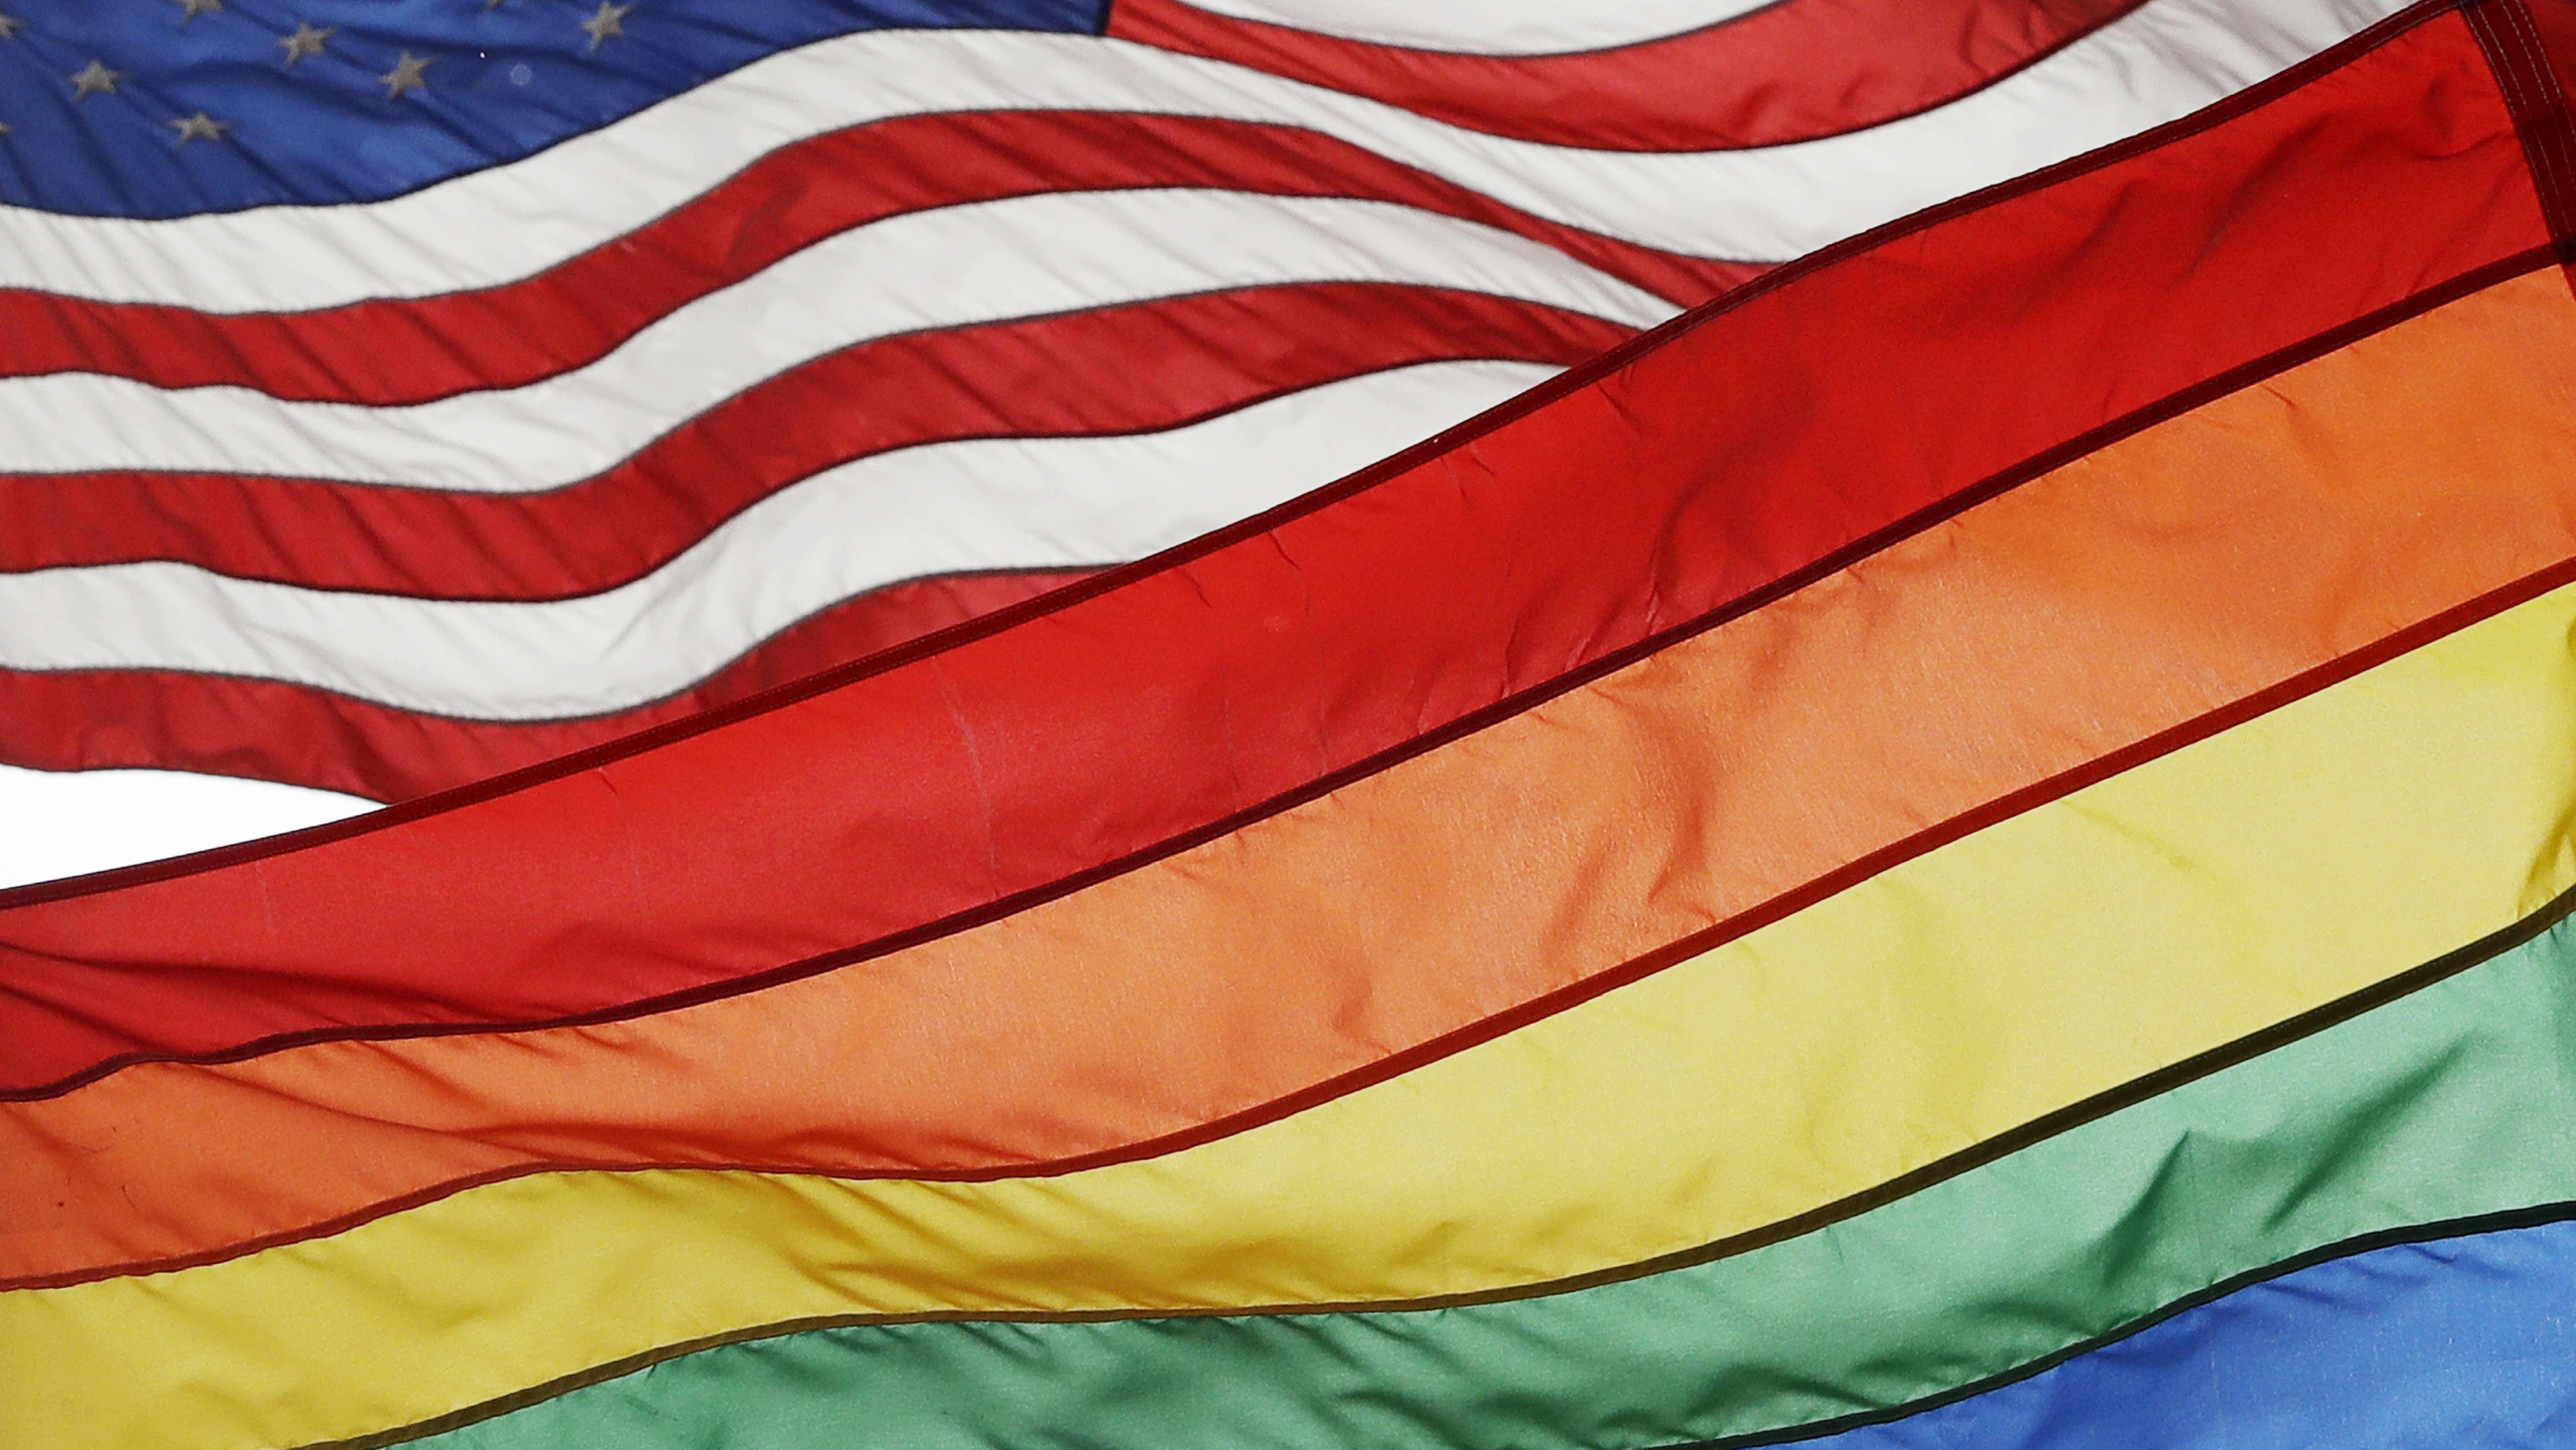 Kollage: Flagge der USA und die Regenbogenflagge